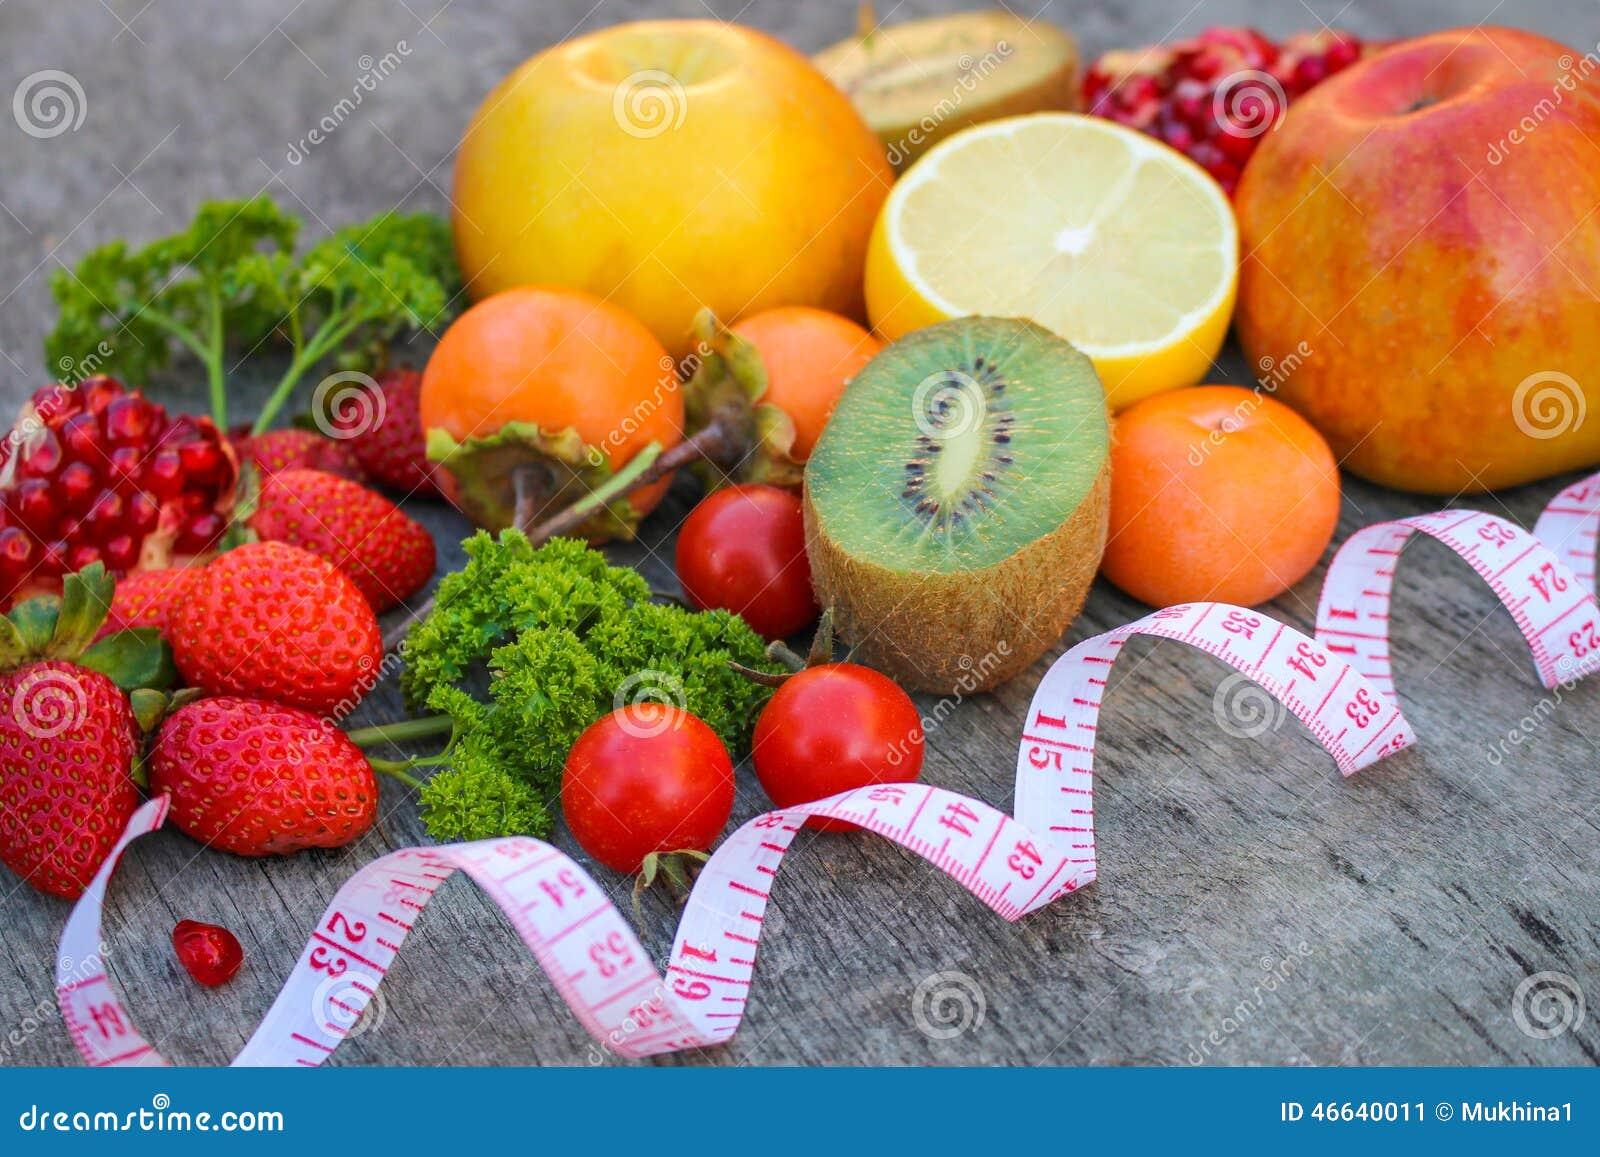 Diet Mukhina 56